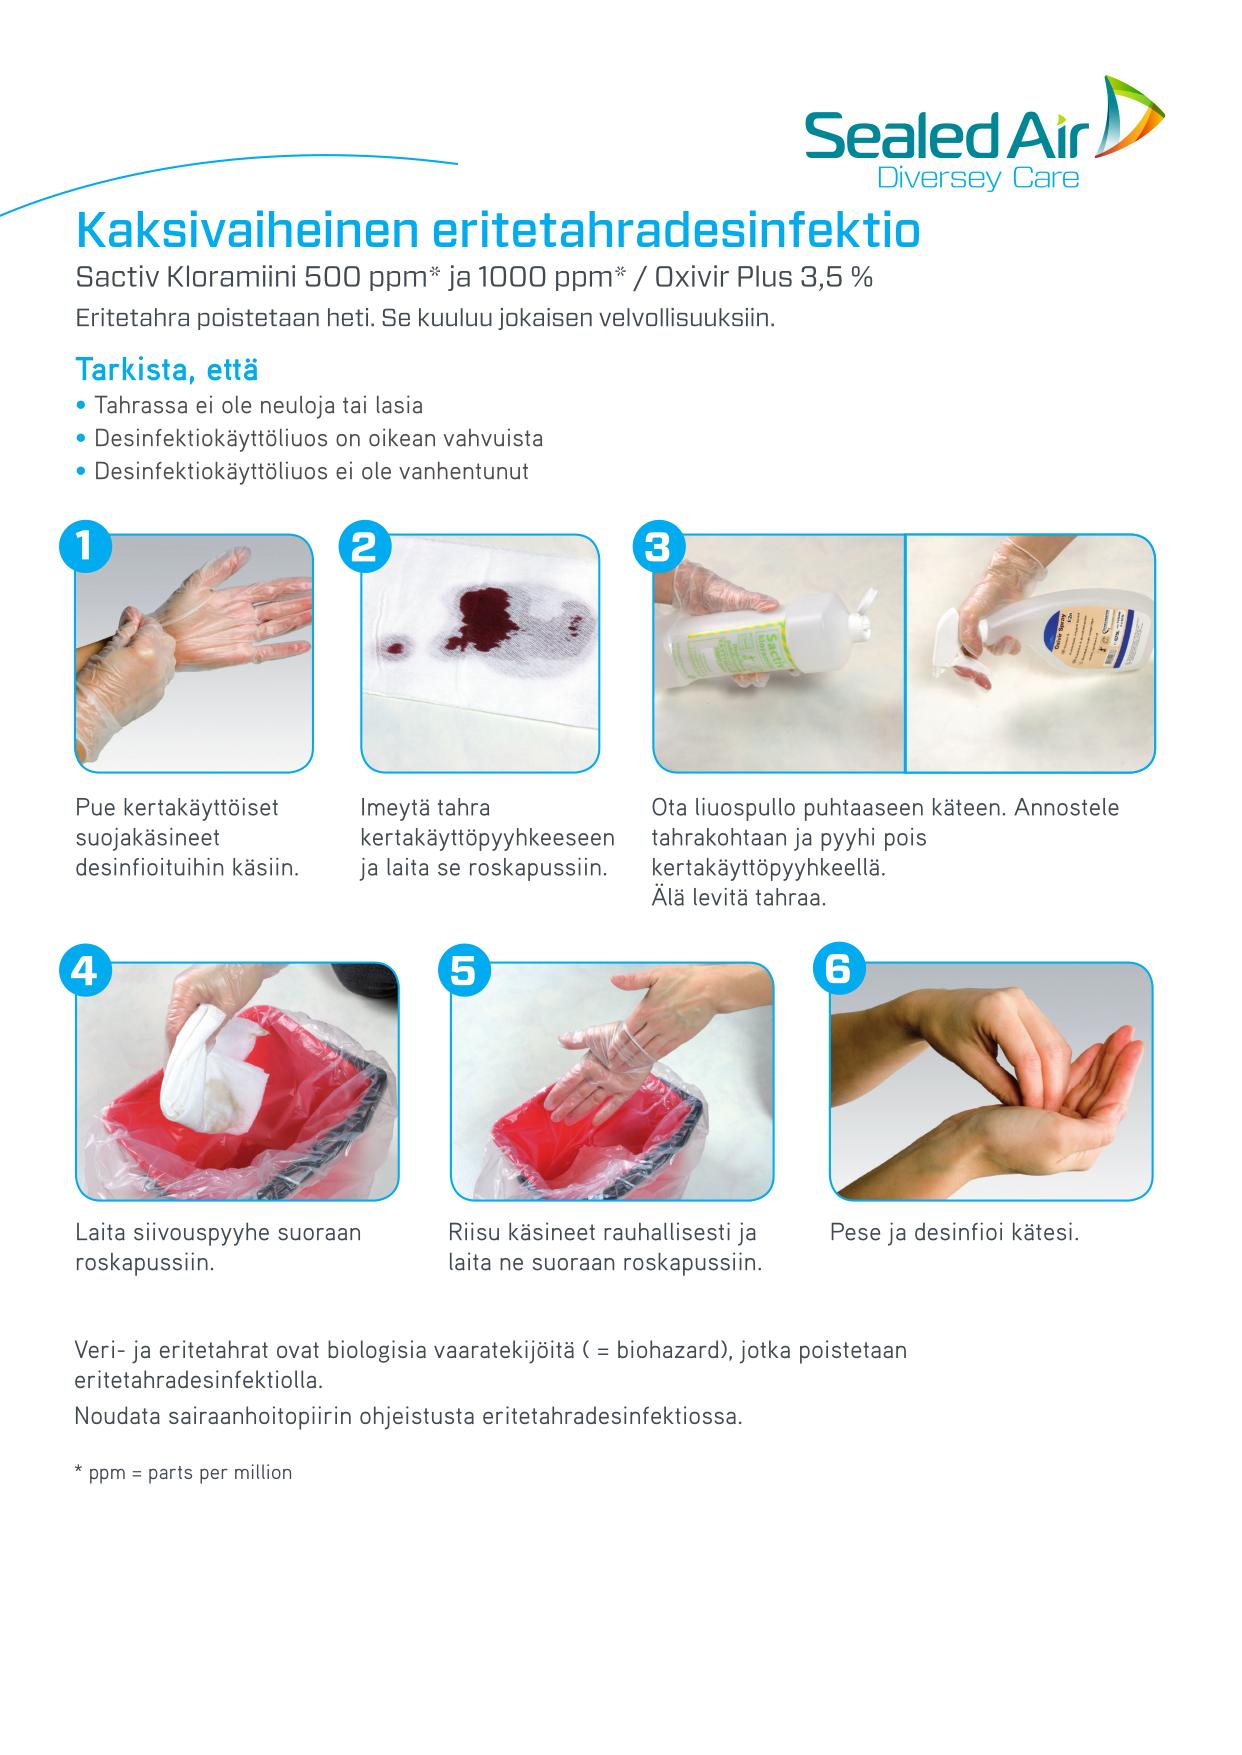 Kaksivaiheinen eritetahradesinfektio -ohje